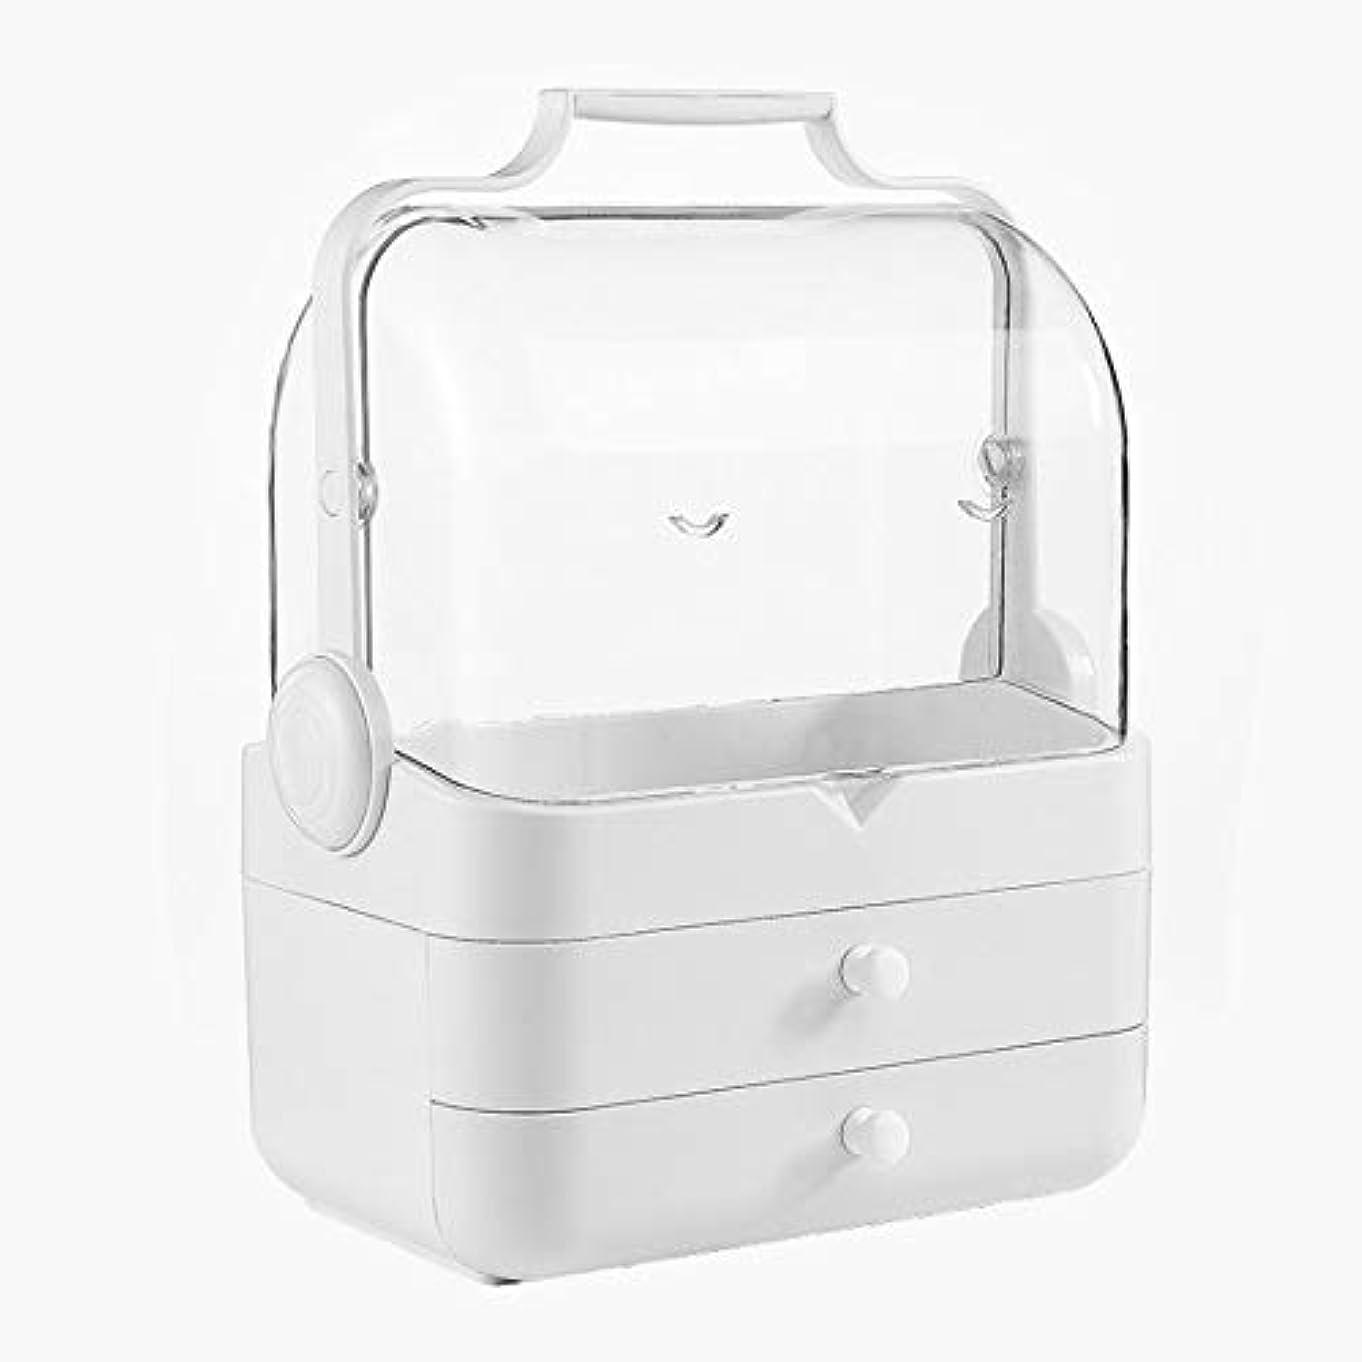 化粧箱、白い大容量フリップ防塵化粧品ケース、ポータブル旅行化粧品ケース、美容ネイルジュエリー収納ボックス